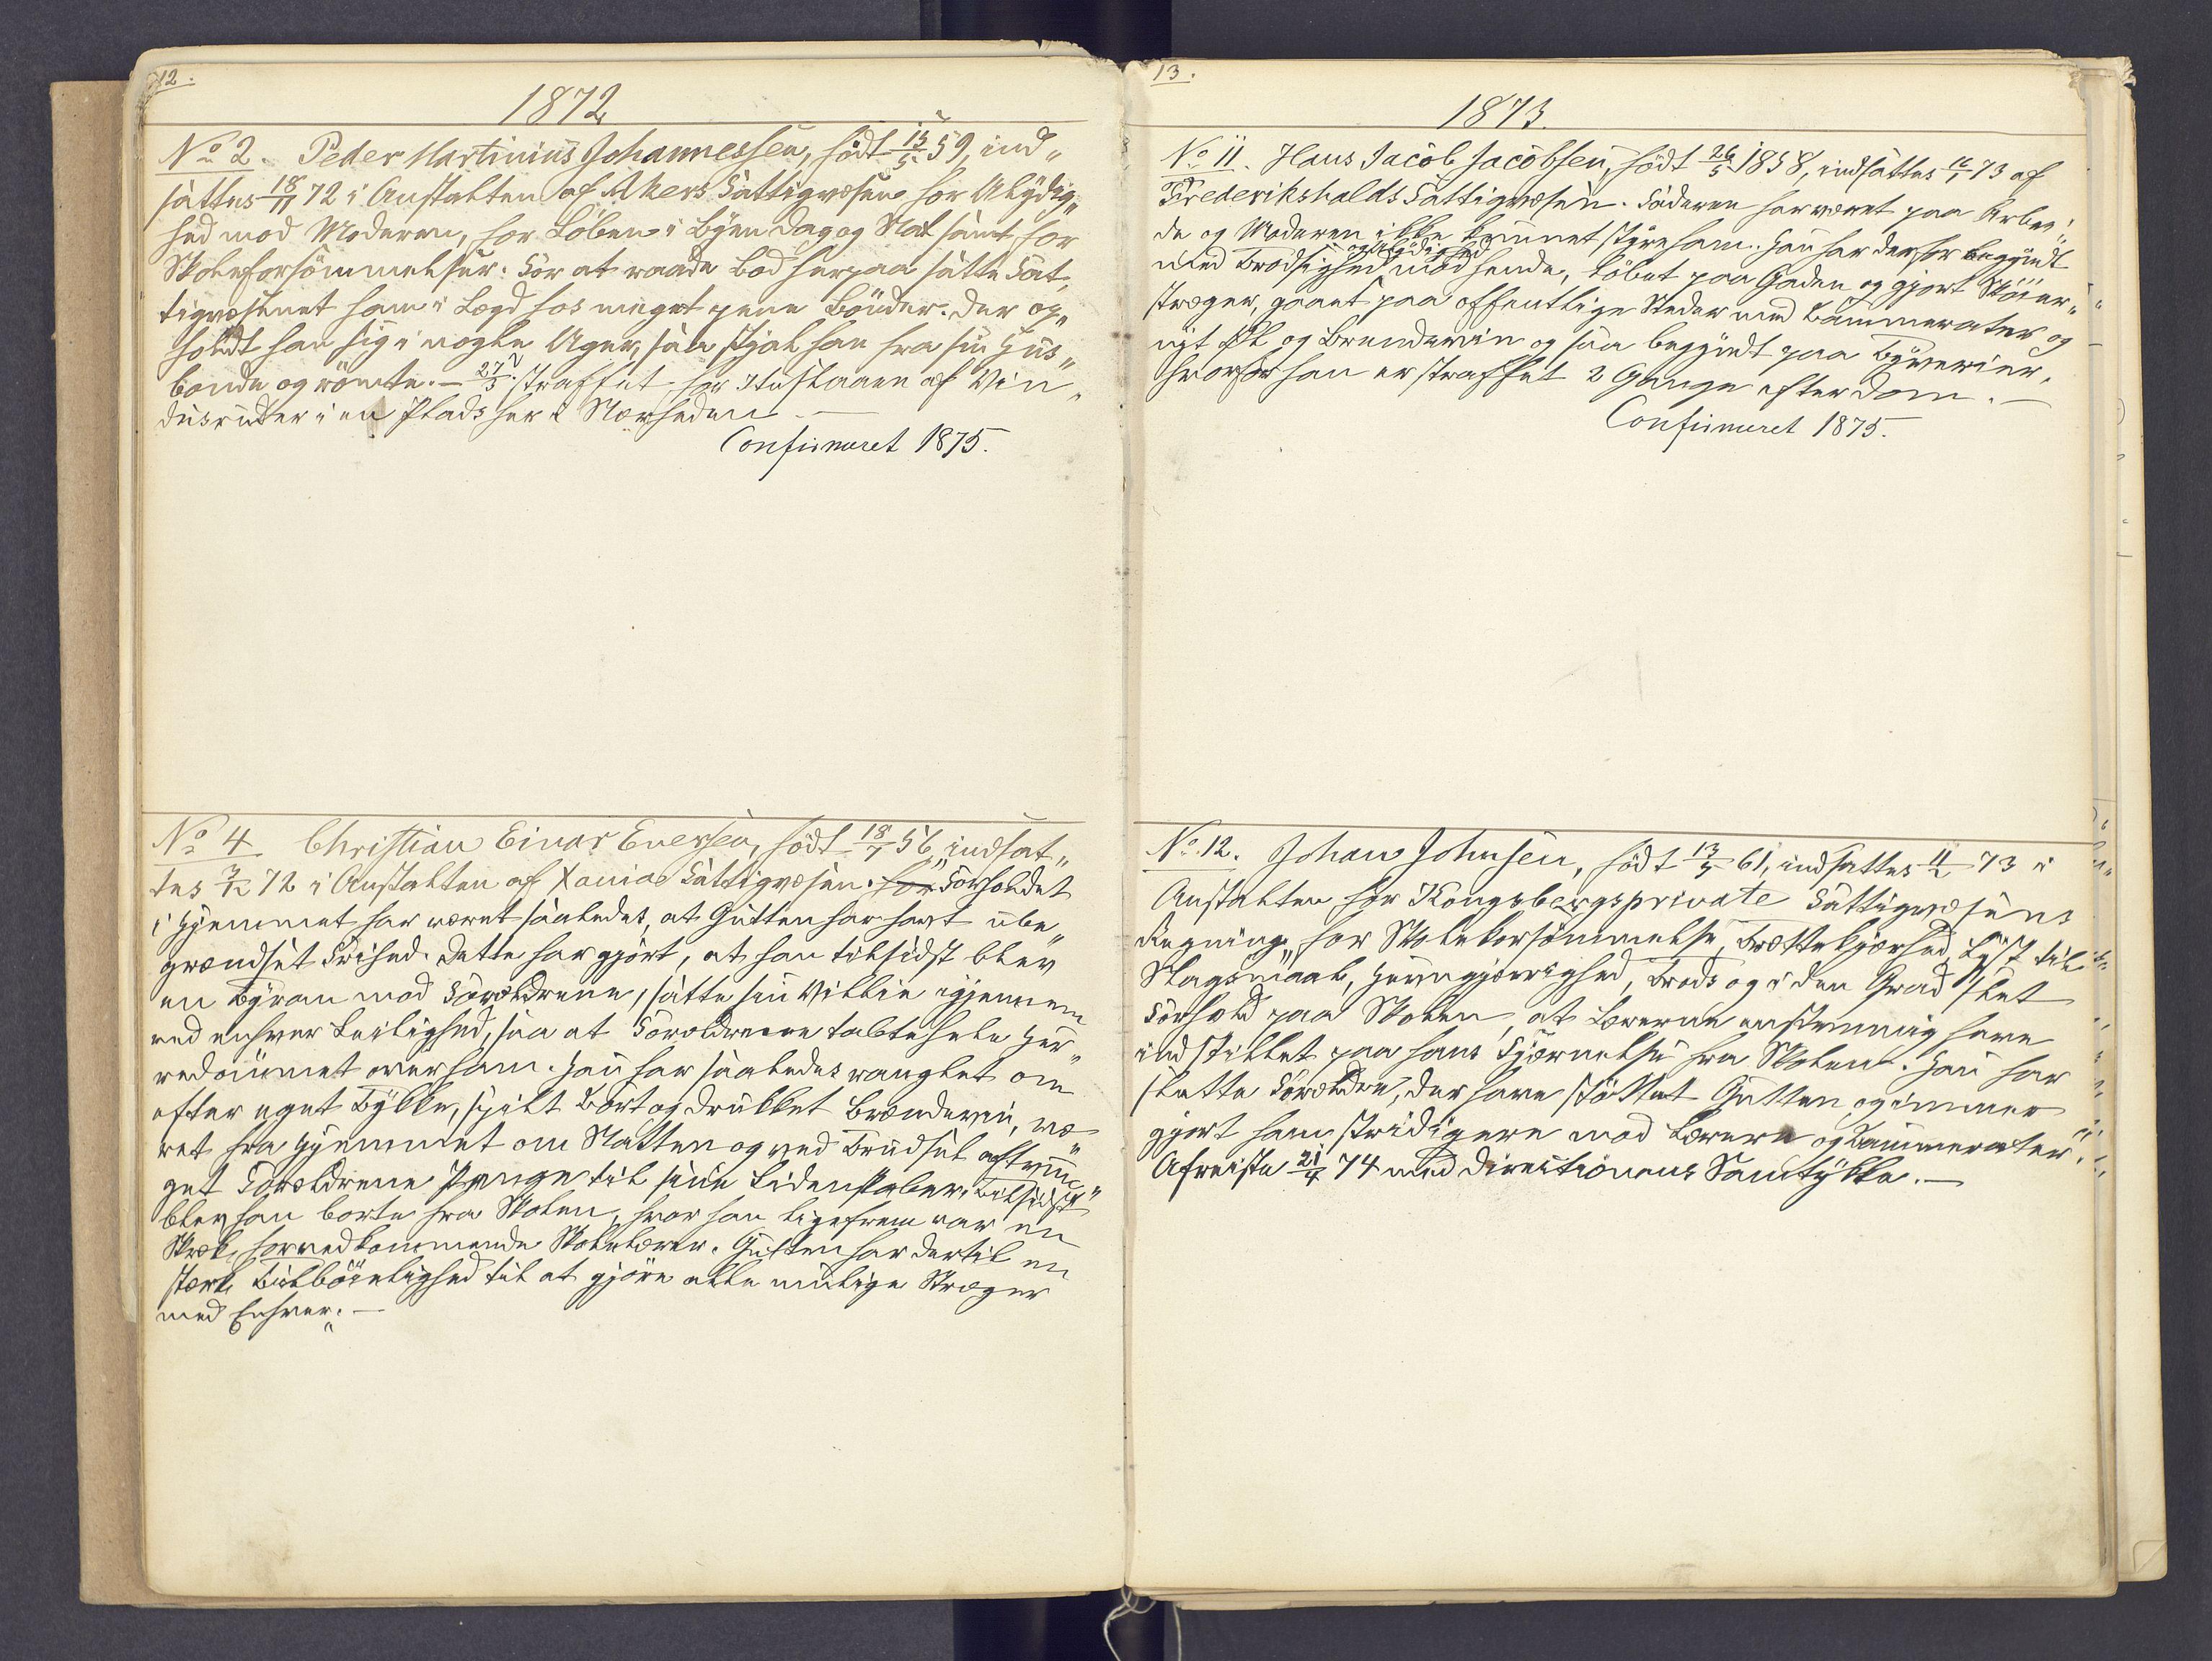 SAH, Toftes Gave, F/Fc/L0002: Elevprotokoll, 1870-1885, s. 12-13